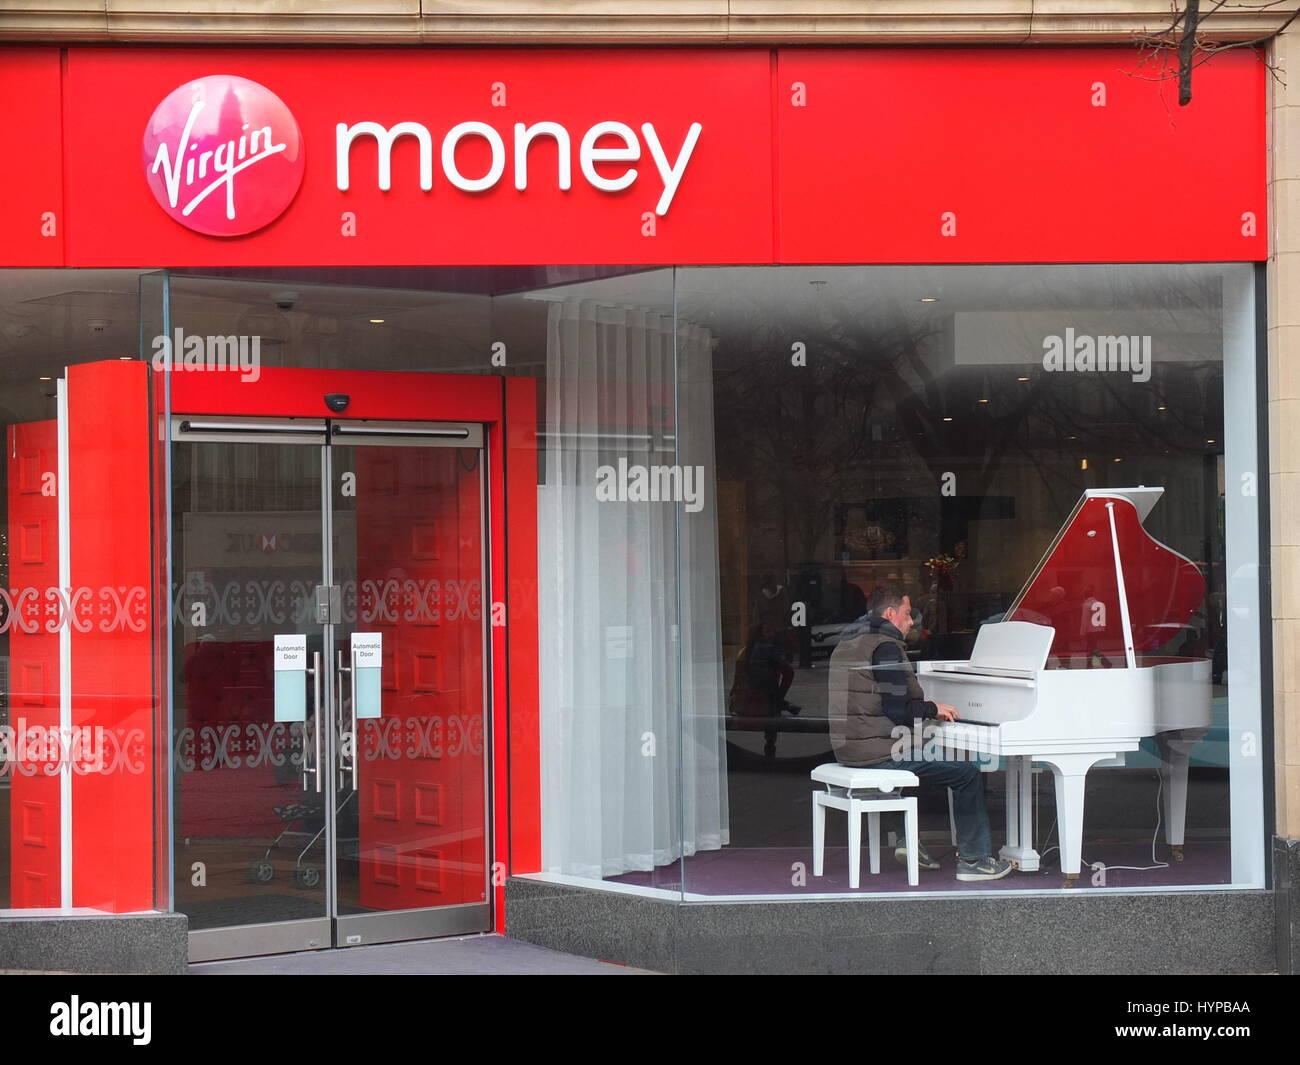 Un client d'une banque Virgin Money à Sheffield se trouve dans la fenêtre de la lecture d'un grand piano blanc  Banque D'Images